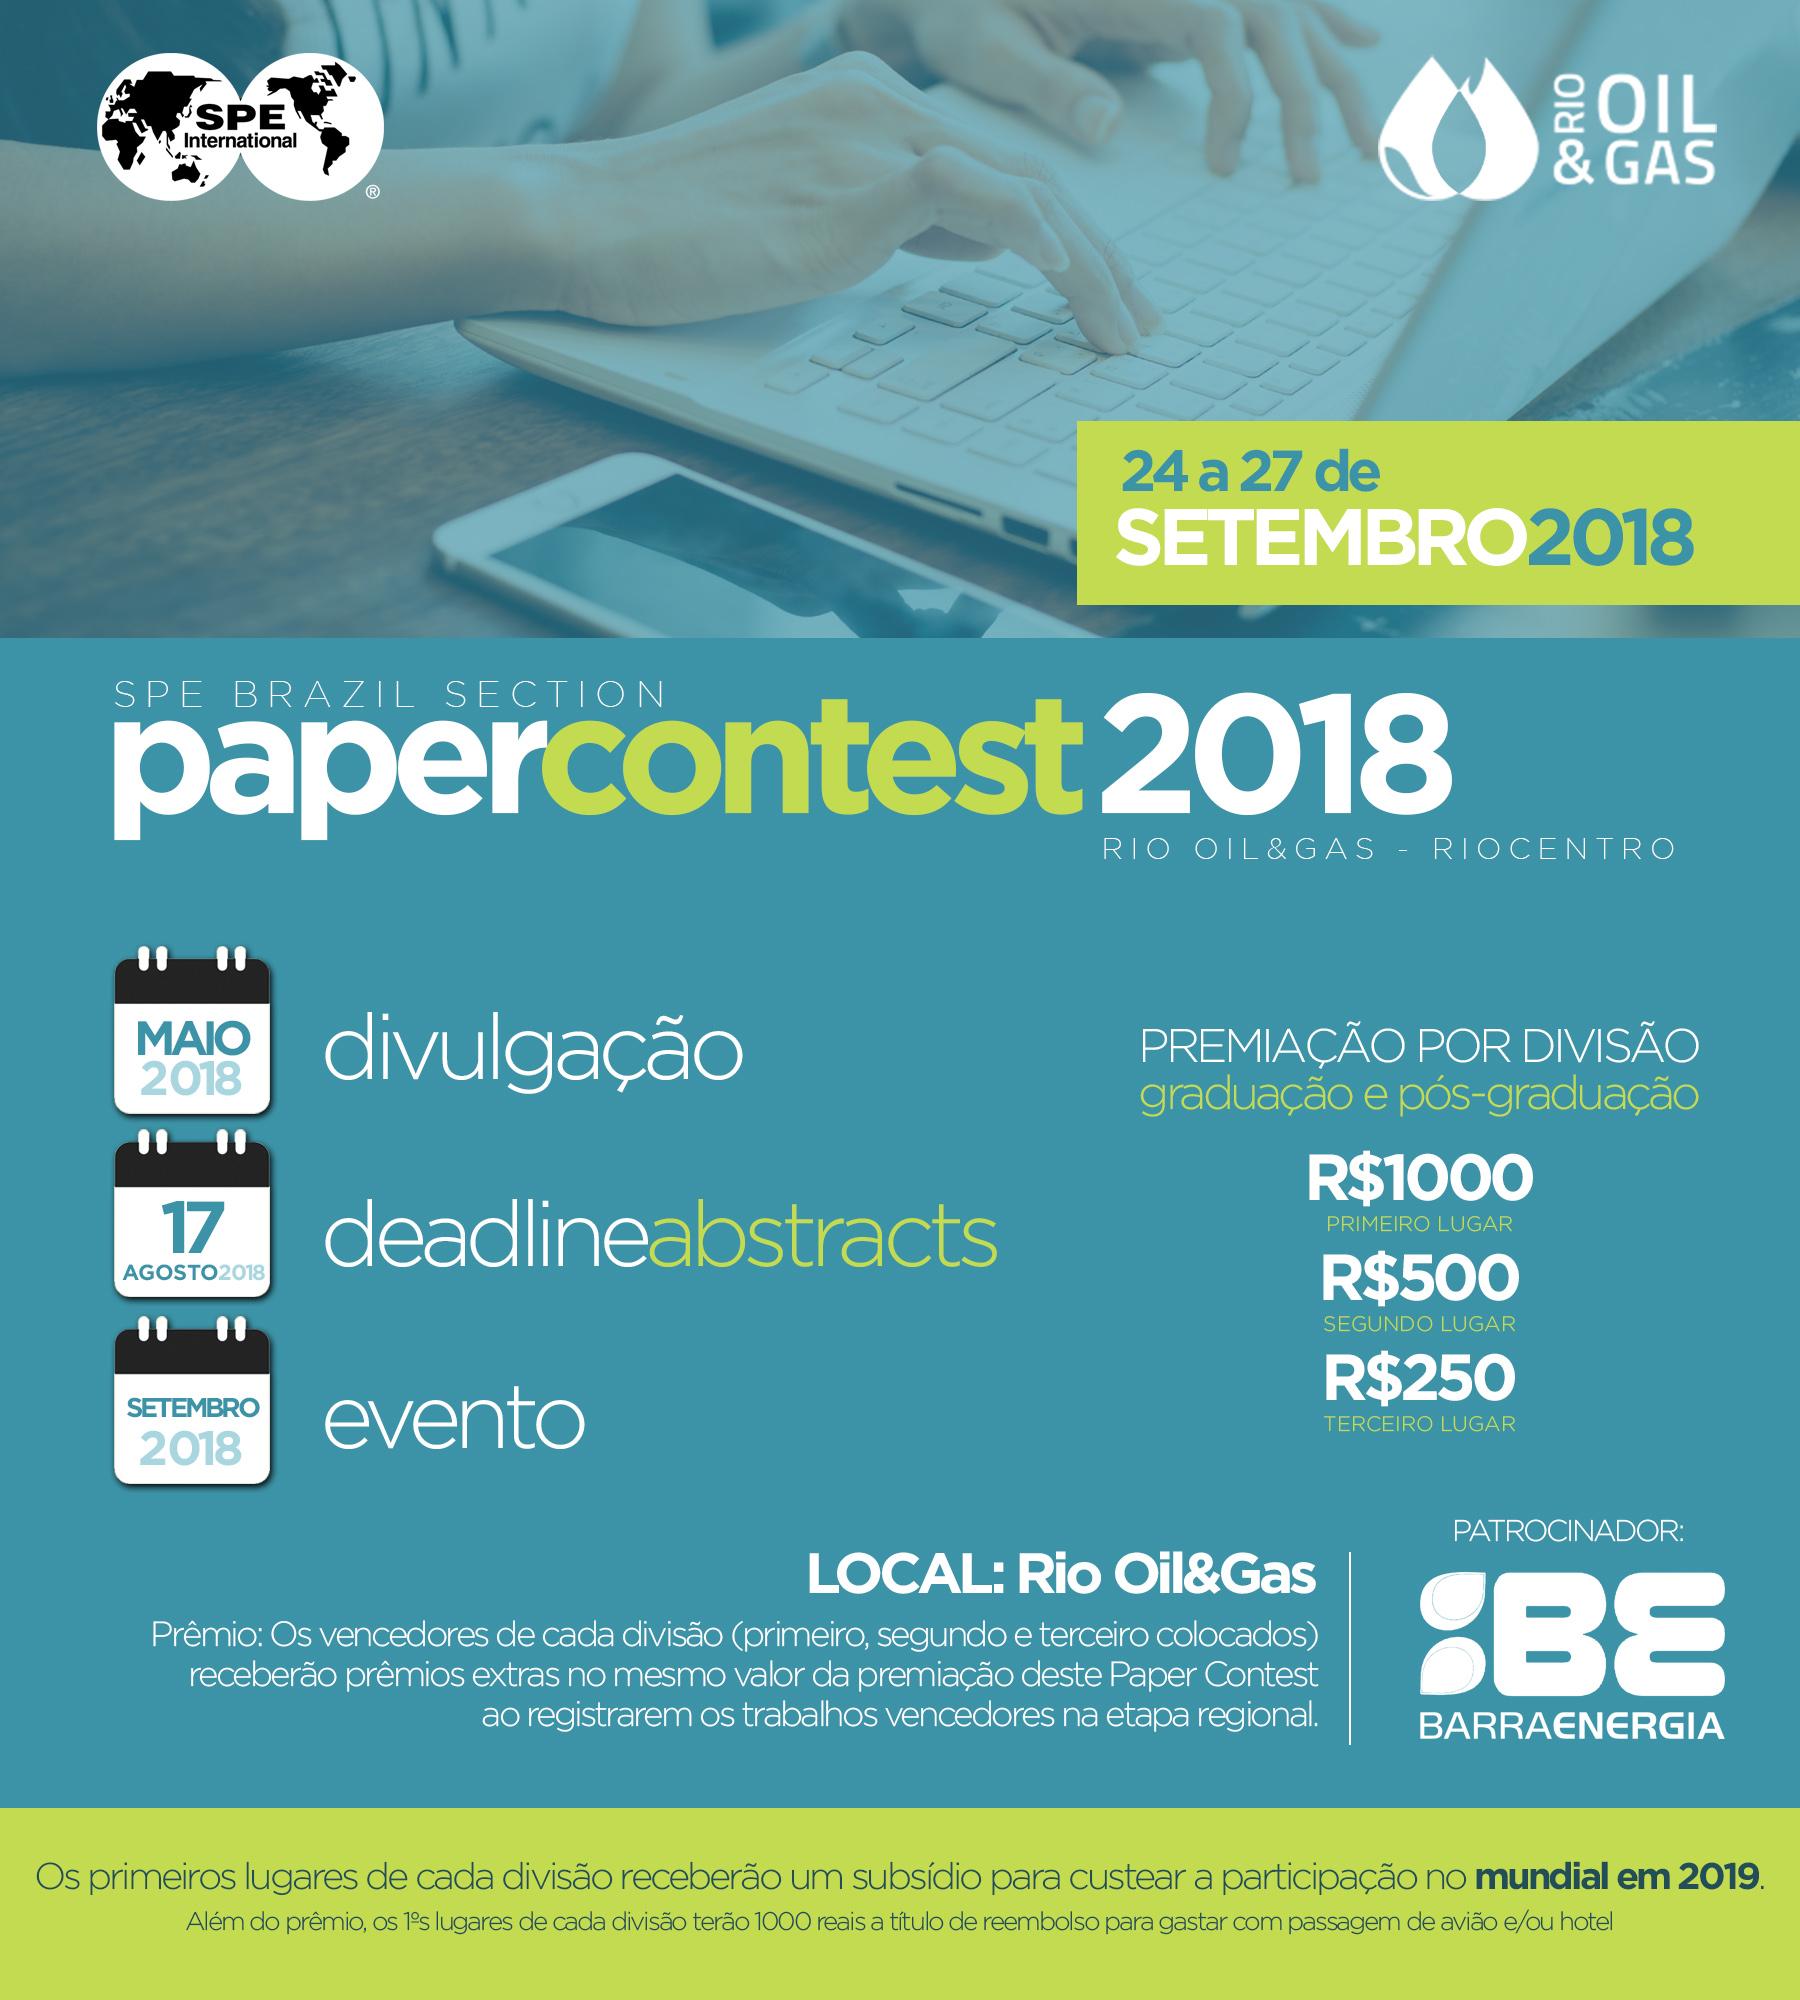 ATENÇÃO: STUDENT PAPER CONTEST 2018